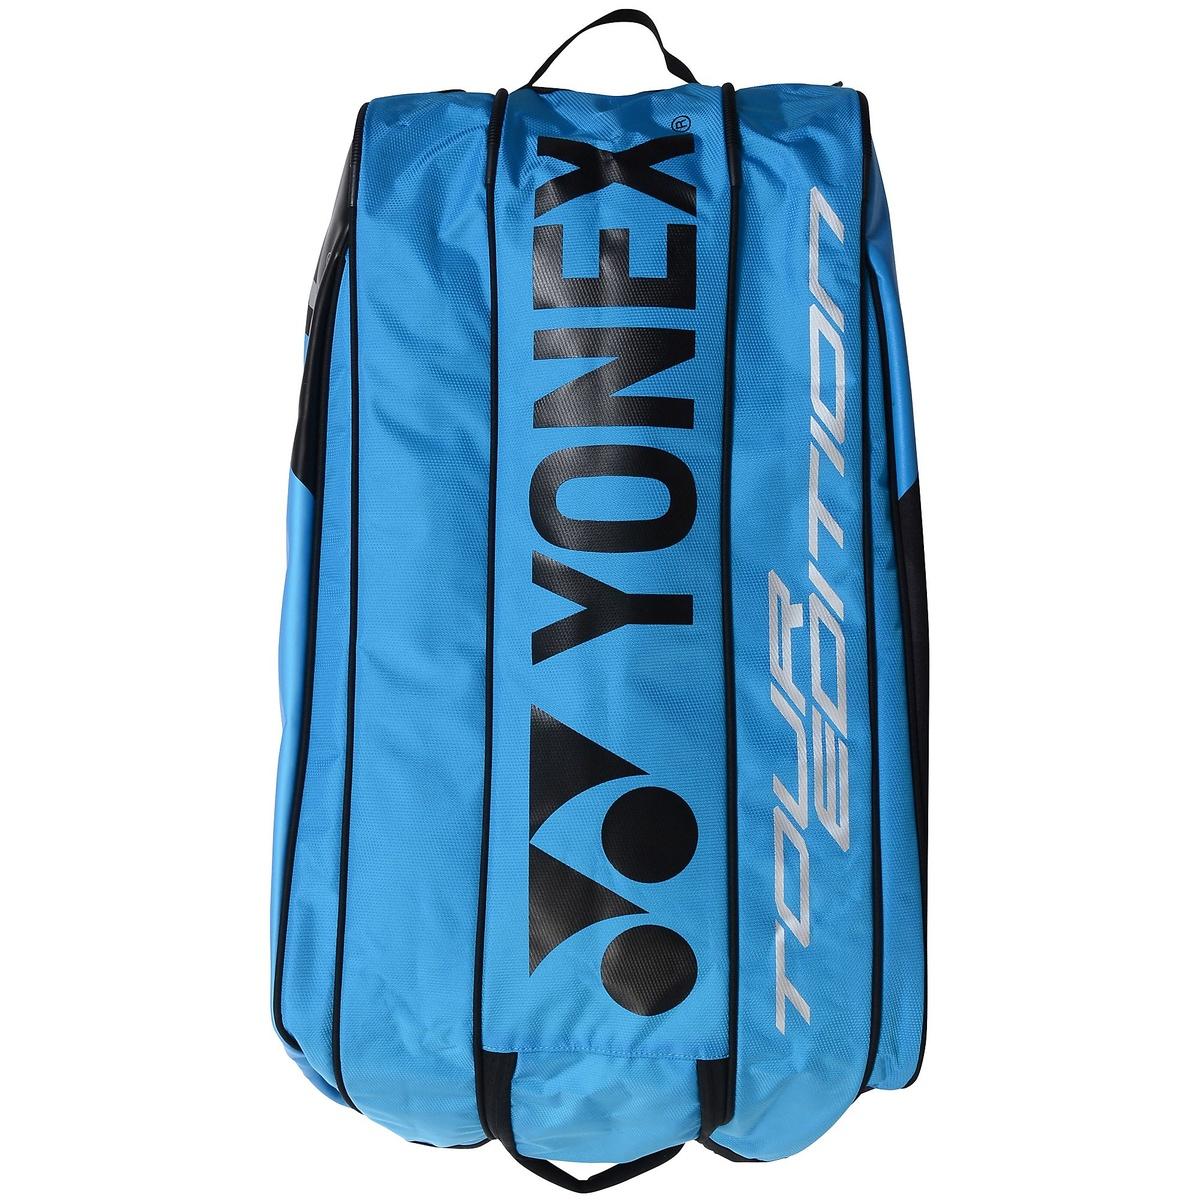 【送料無料】 YONEX (ヨネックス) ラケットスポーツ バッグ ケース類 ラケットバッグ9 IFB BAG1802N